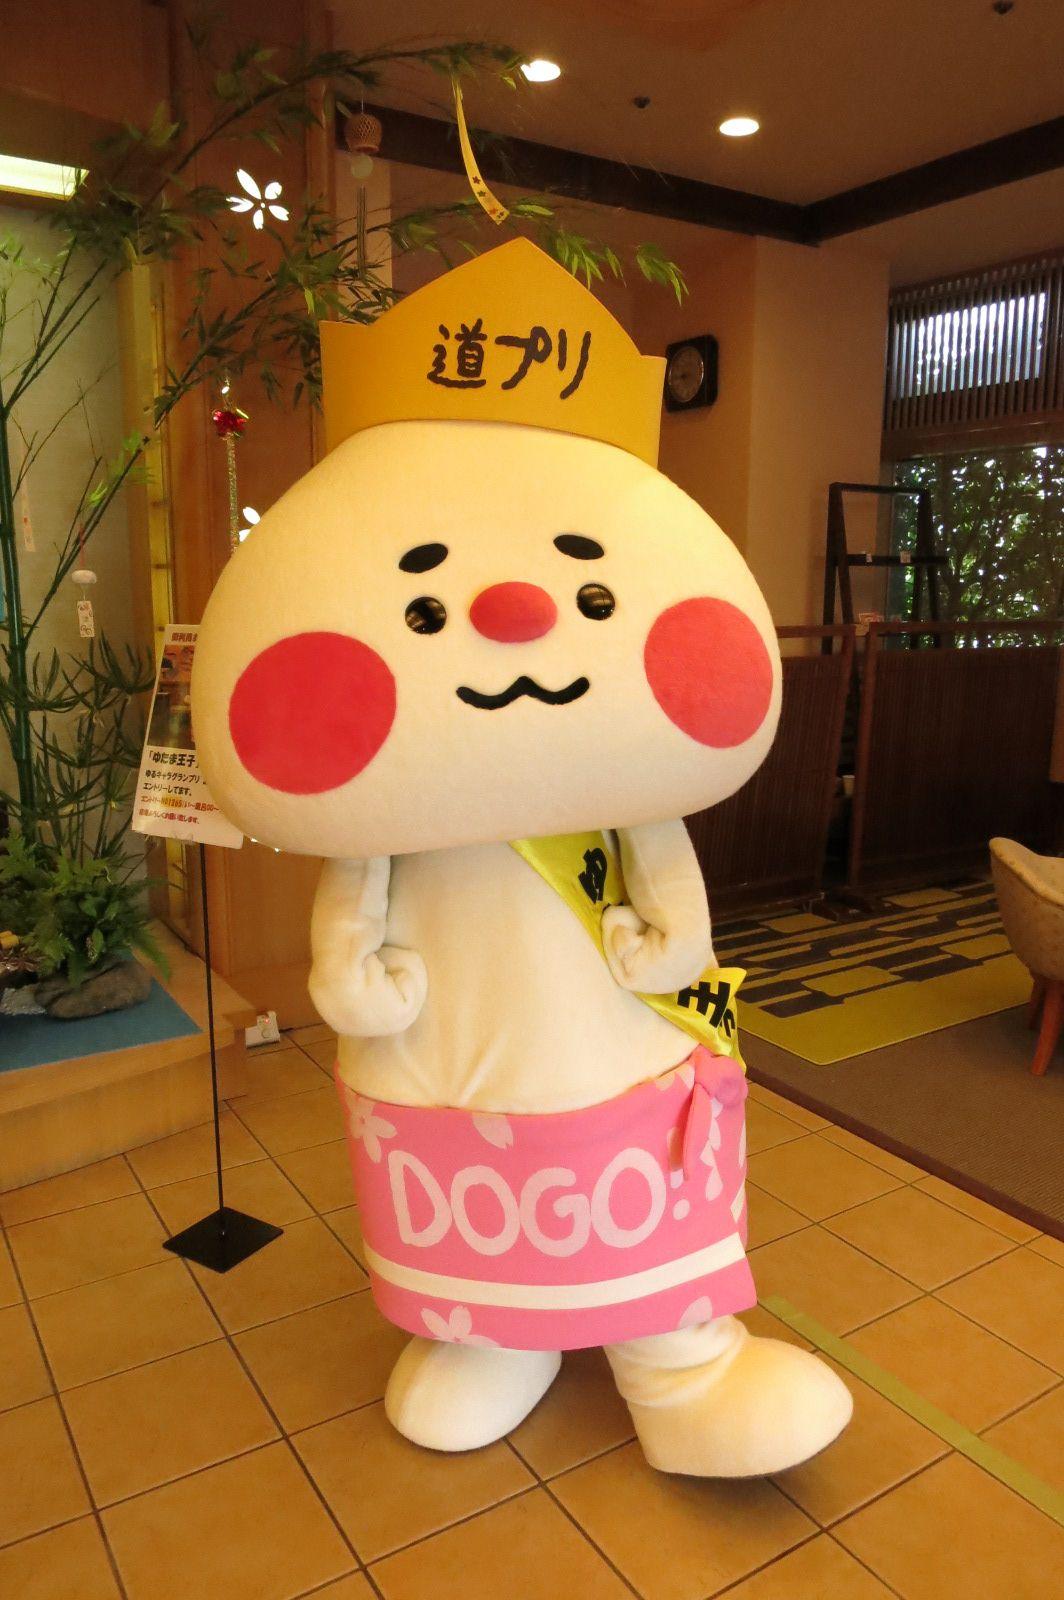 松山・道後プリンスホテル「ゆたま王子」のお腹が可愛いすぎる件について